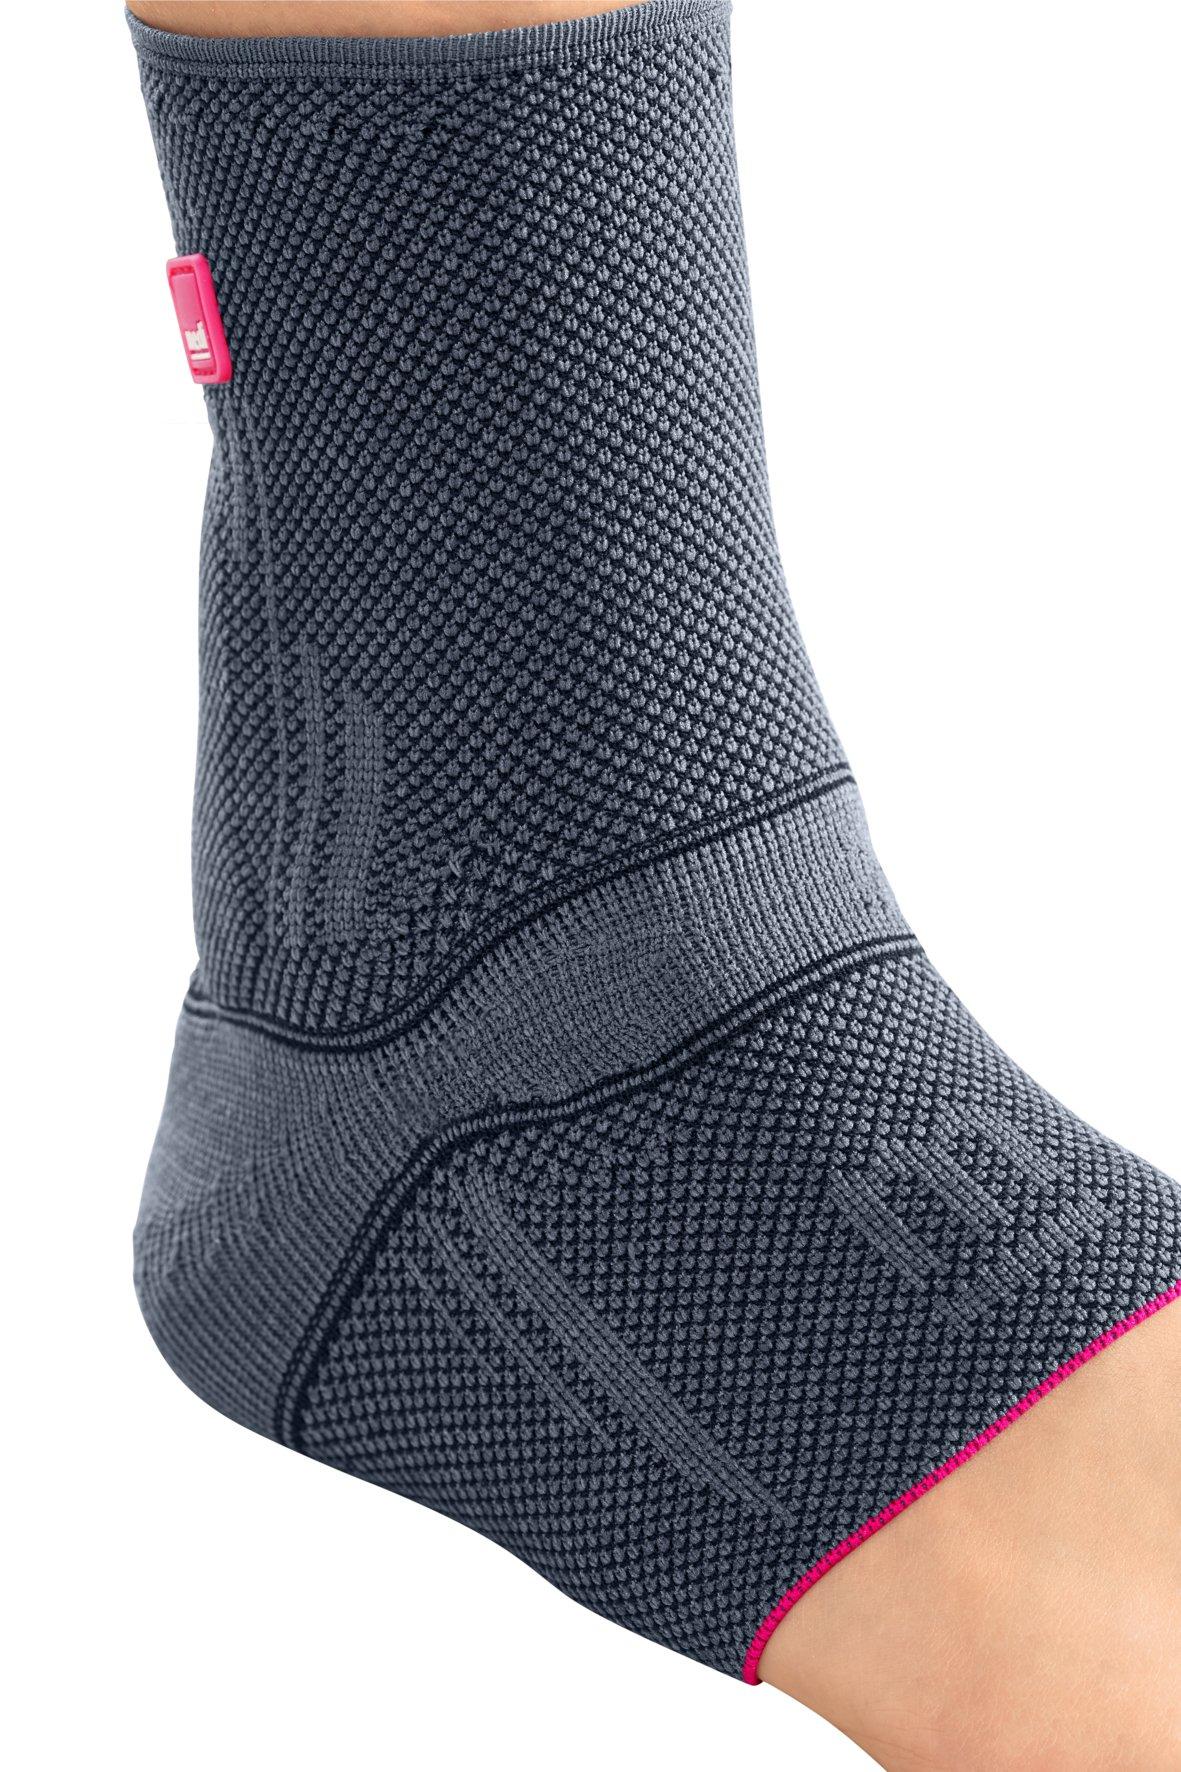 Medi Levamed Knit Ankle Support (Silver) Size V by Medi Ortho (Image #2)